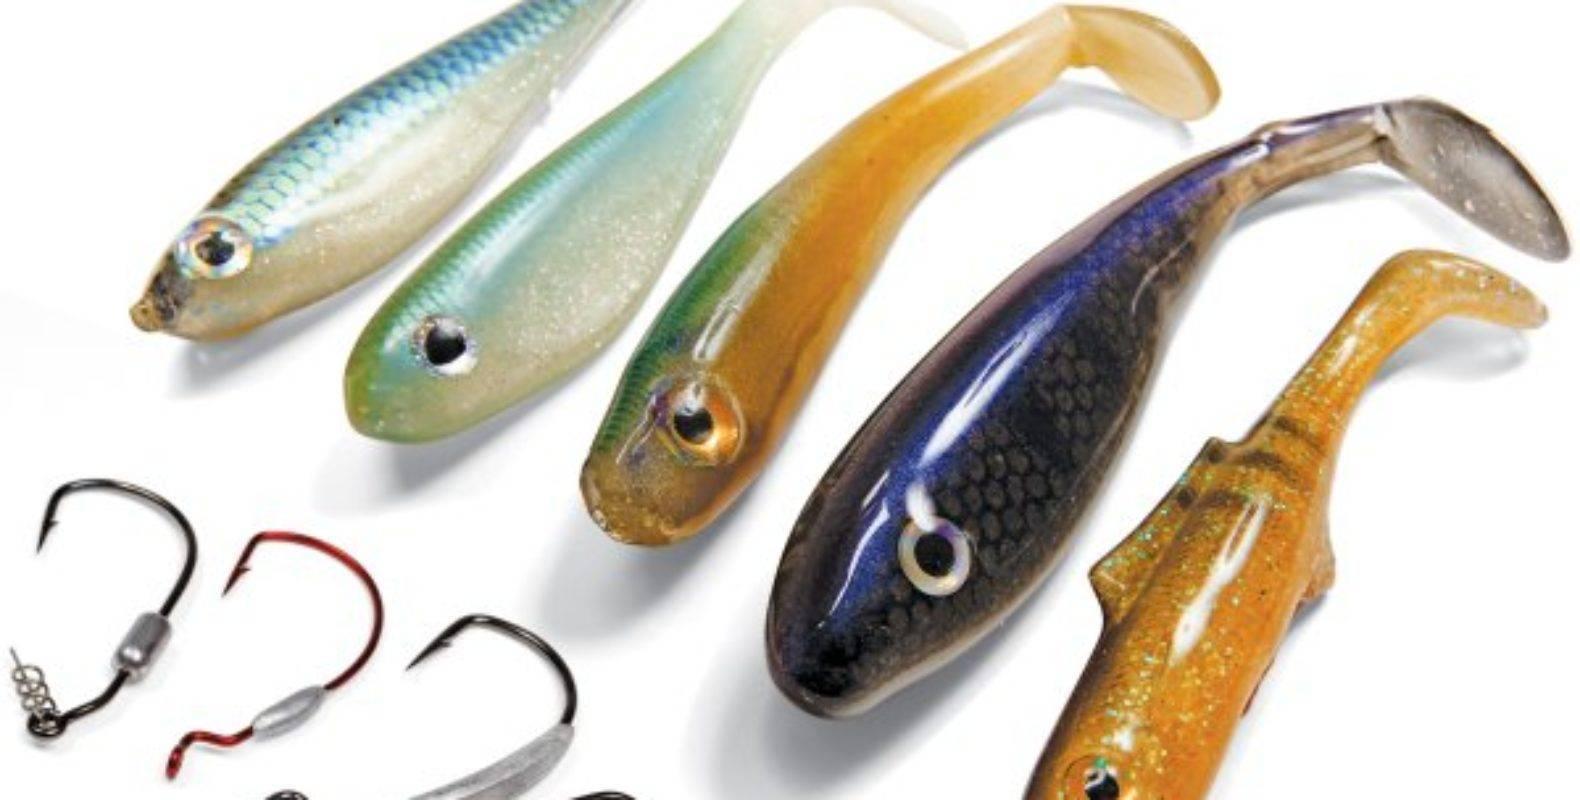 Ловля щуки на силиконовые приманки: как подобрать цвет, размер и монтаж